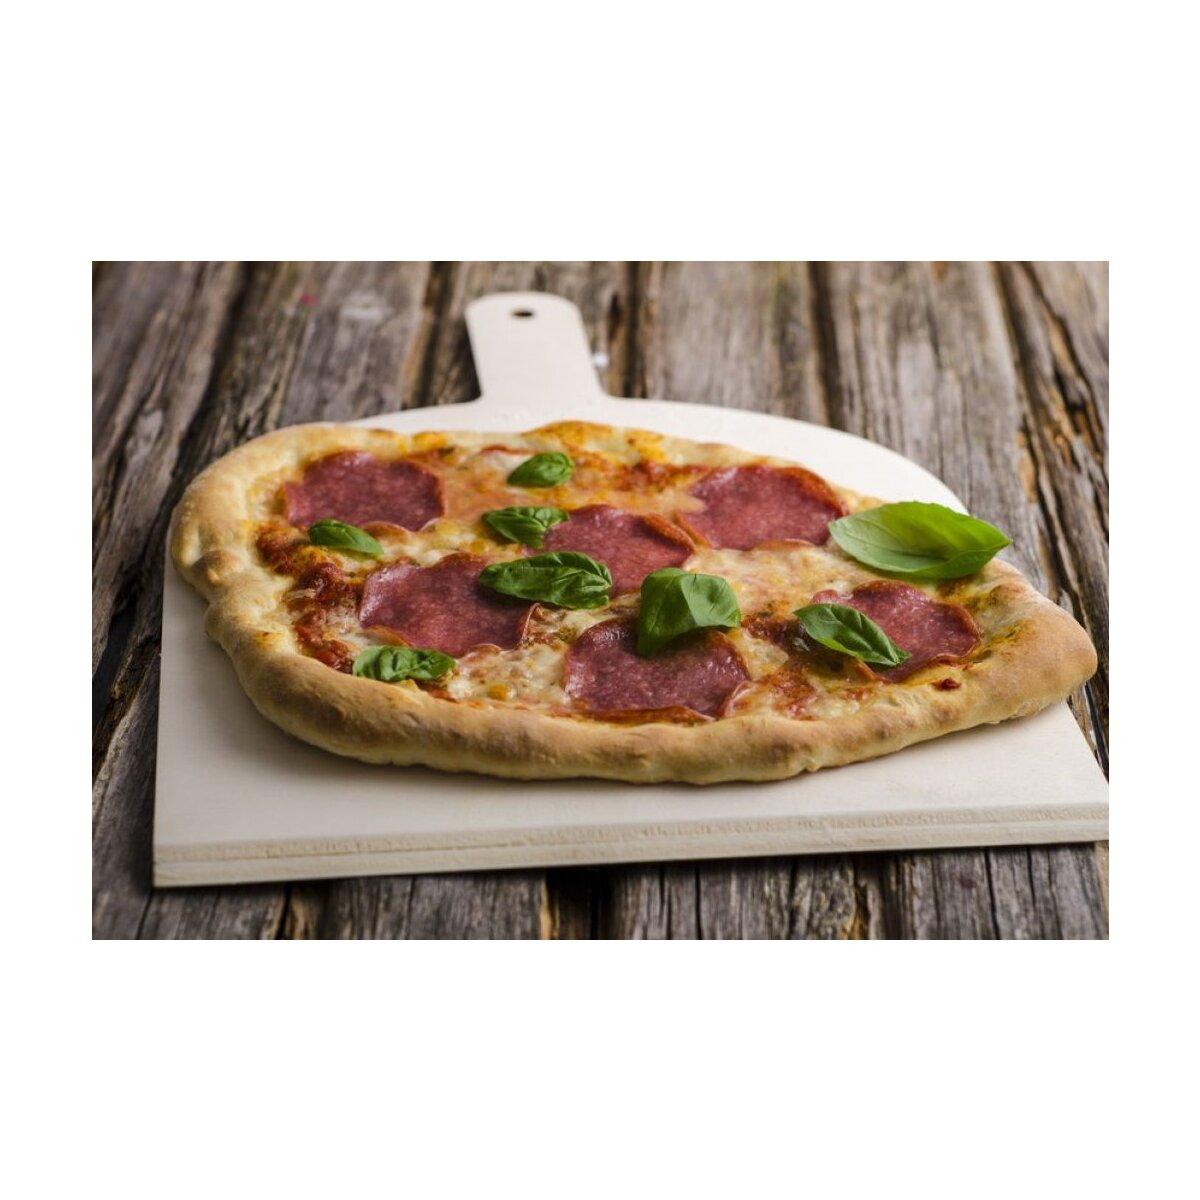 firestar pizzastein inkl gestell f r dn 700 800 149 00 von karl beckmann gmbh mit beratung. Black Bedroom Furniture Sets. Home Design Ideas